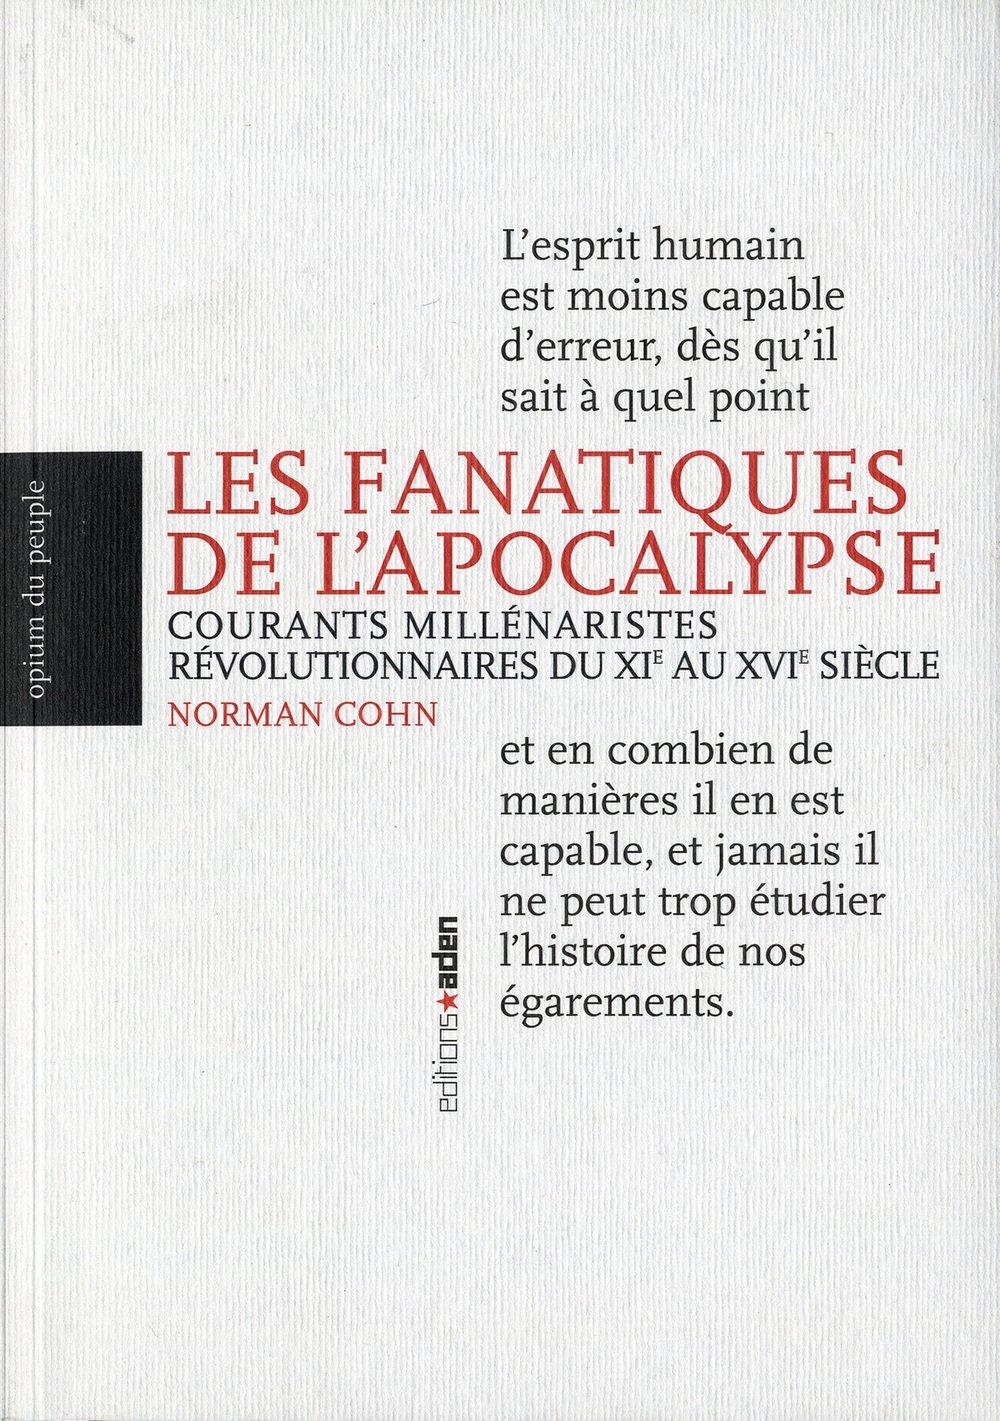 """Résultat de recherche d'images pour """"L'APOCALYPSE COURANTS MILLÉNARISTES RÉVOLUTIONNAIRES - Norman cohn"""""""